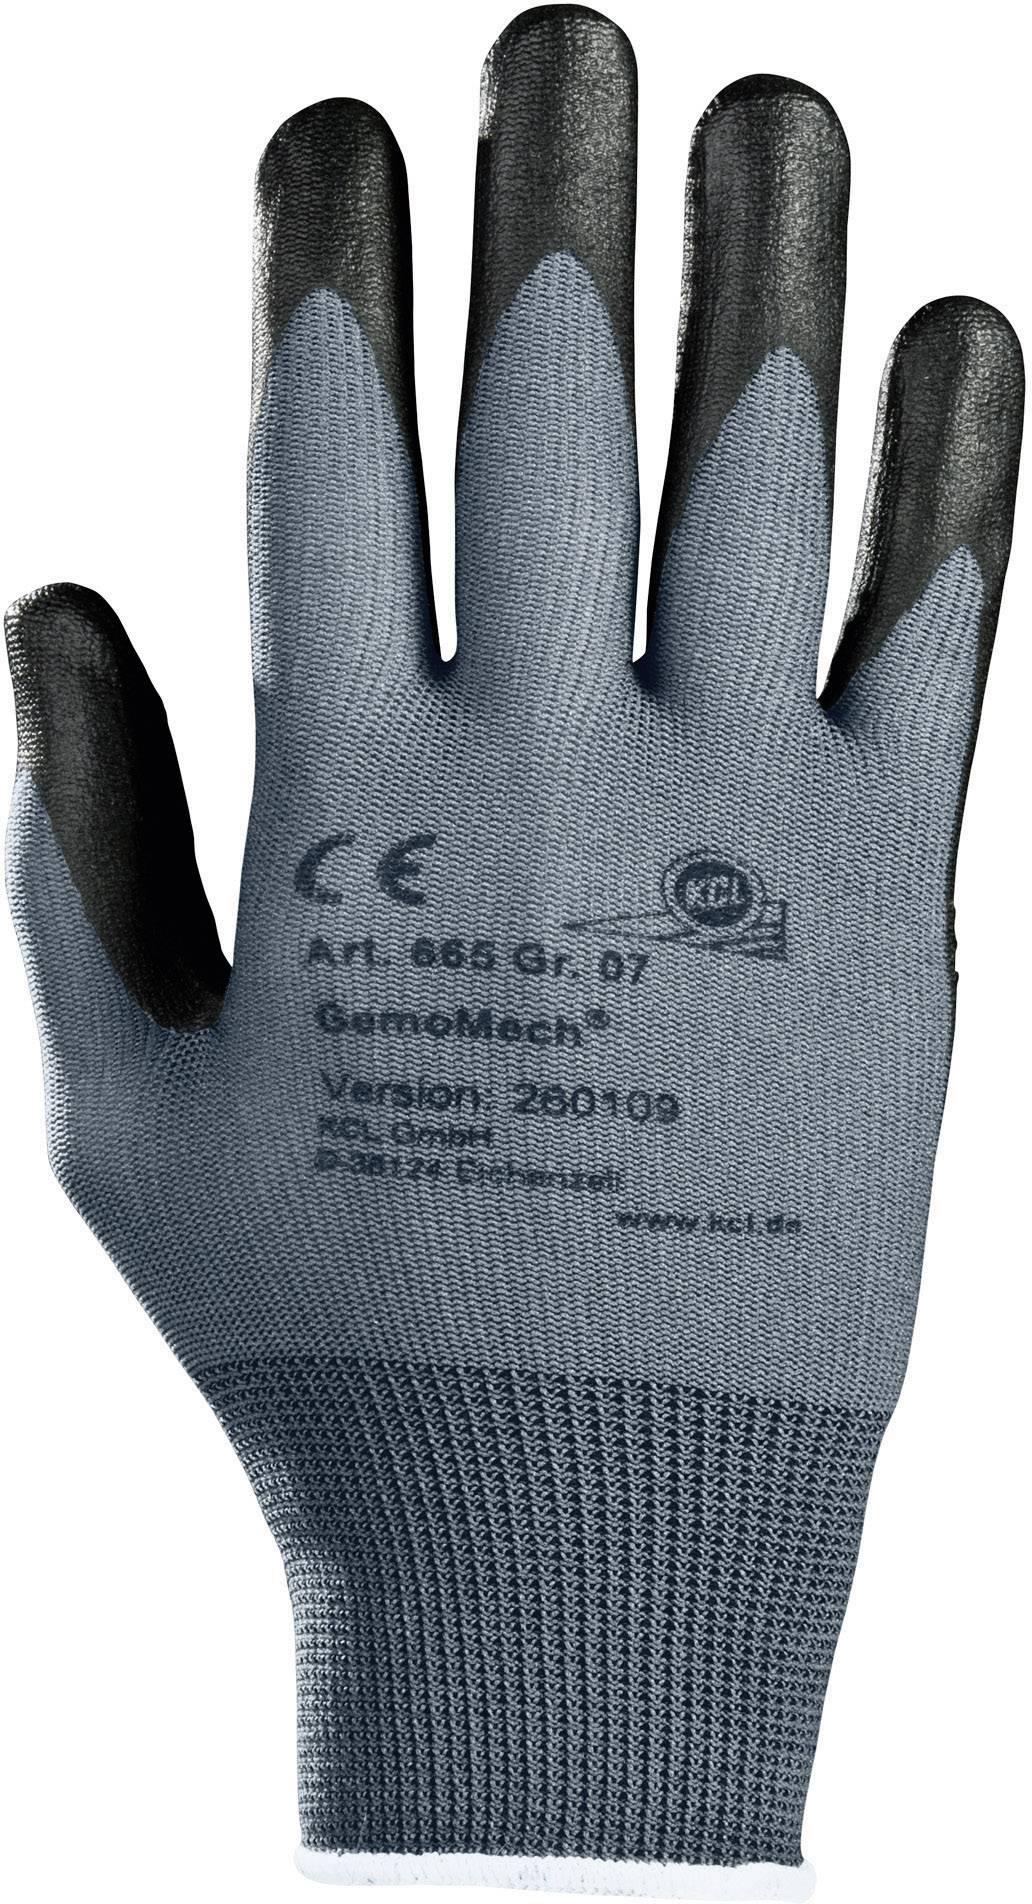 Pracovní rukavice KCL GemoMech 665 665, velikost rukavic: 10, XL